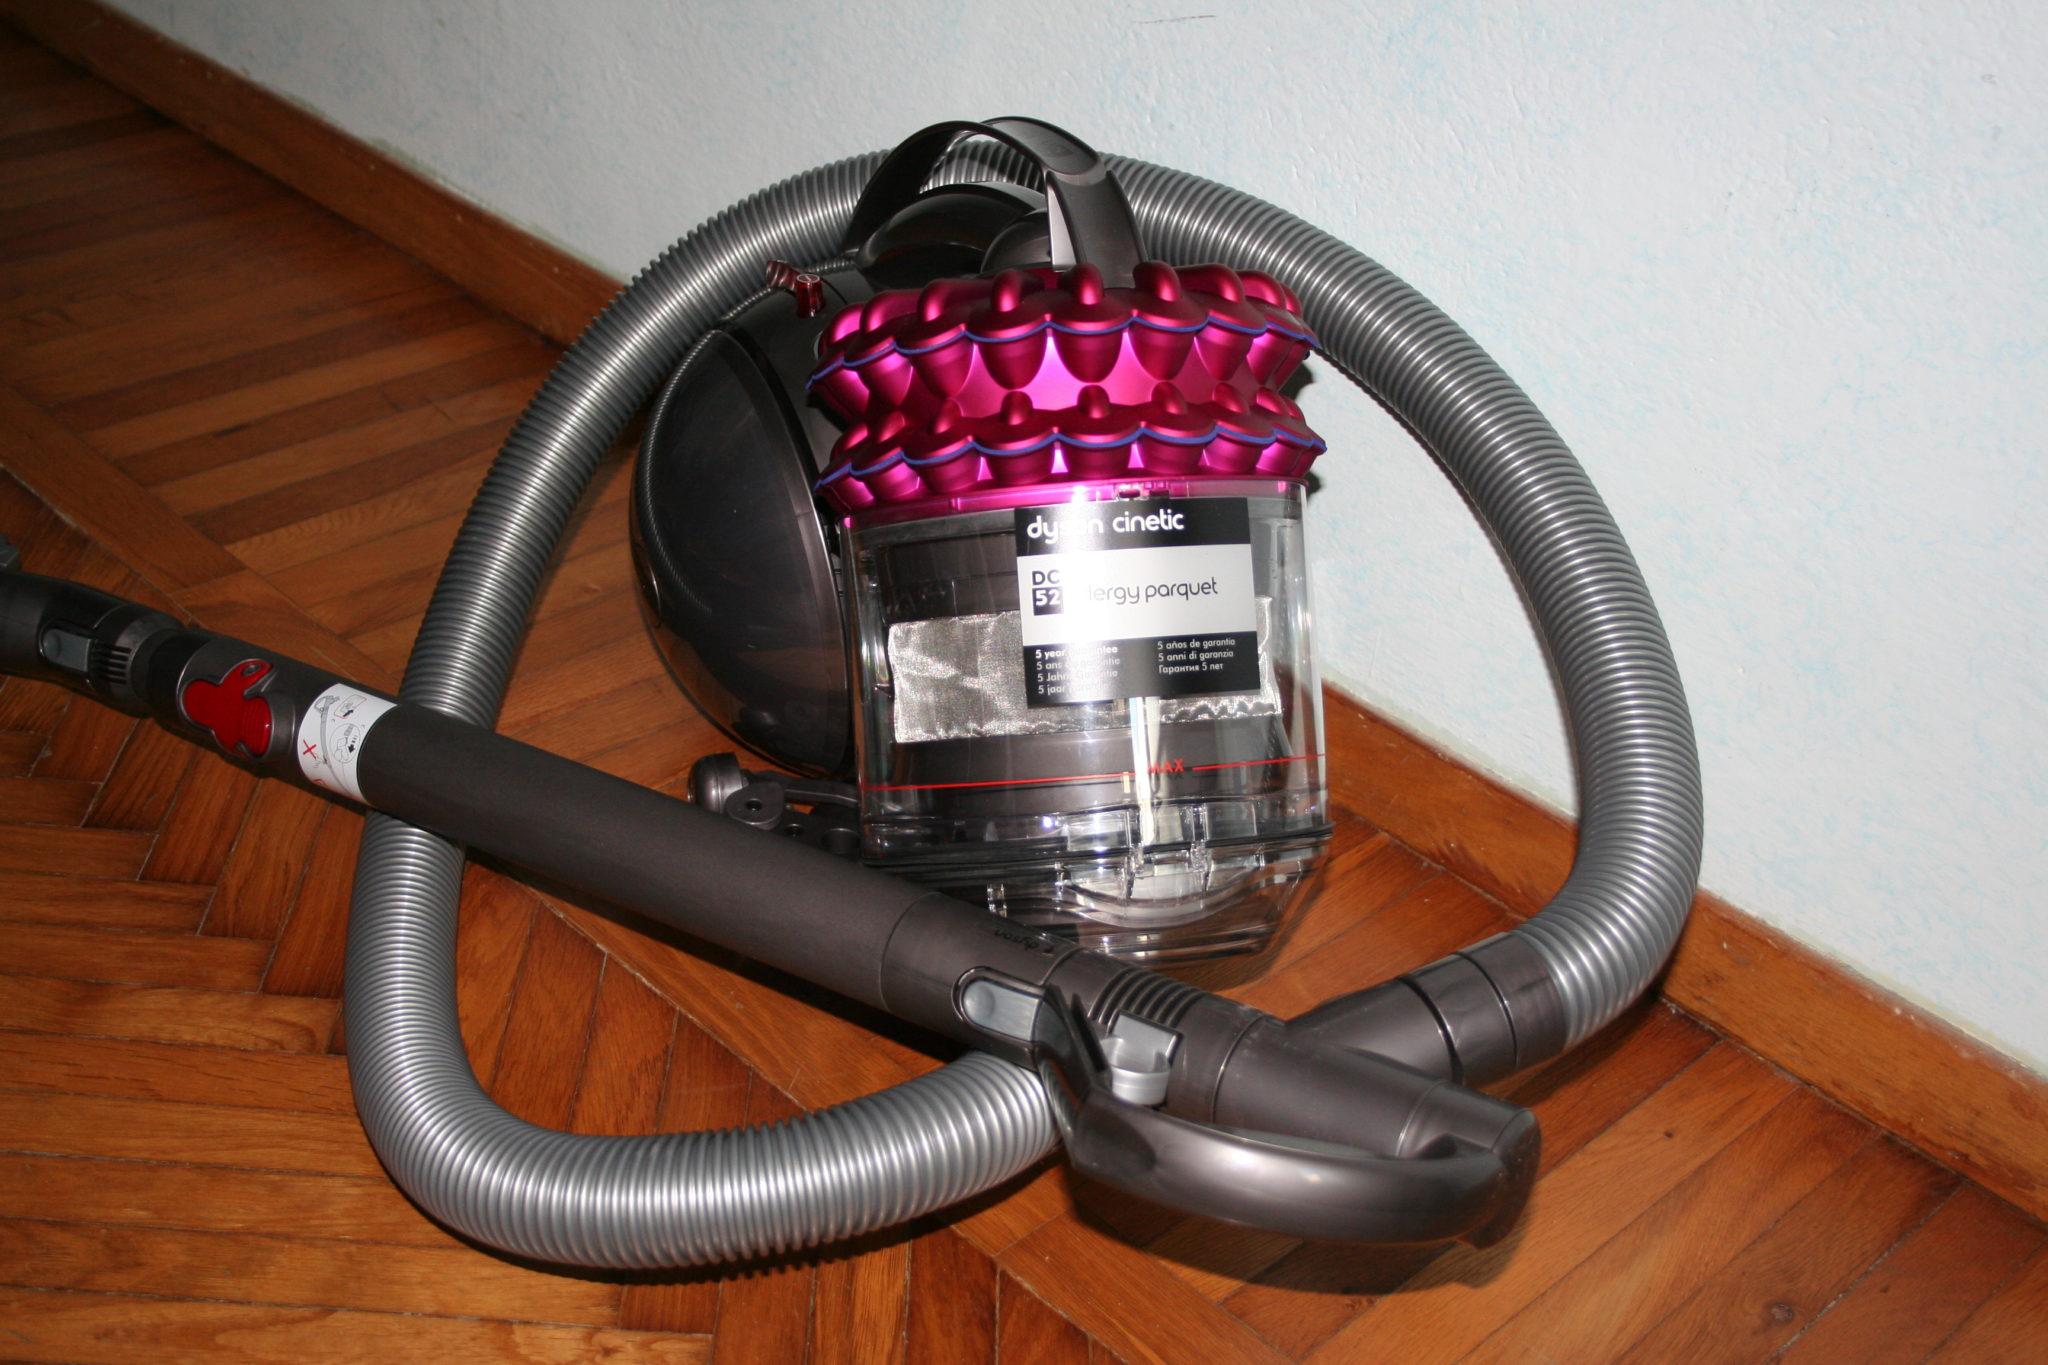 можно ли мыть циклонный фильтр пылесоса dyson